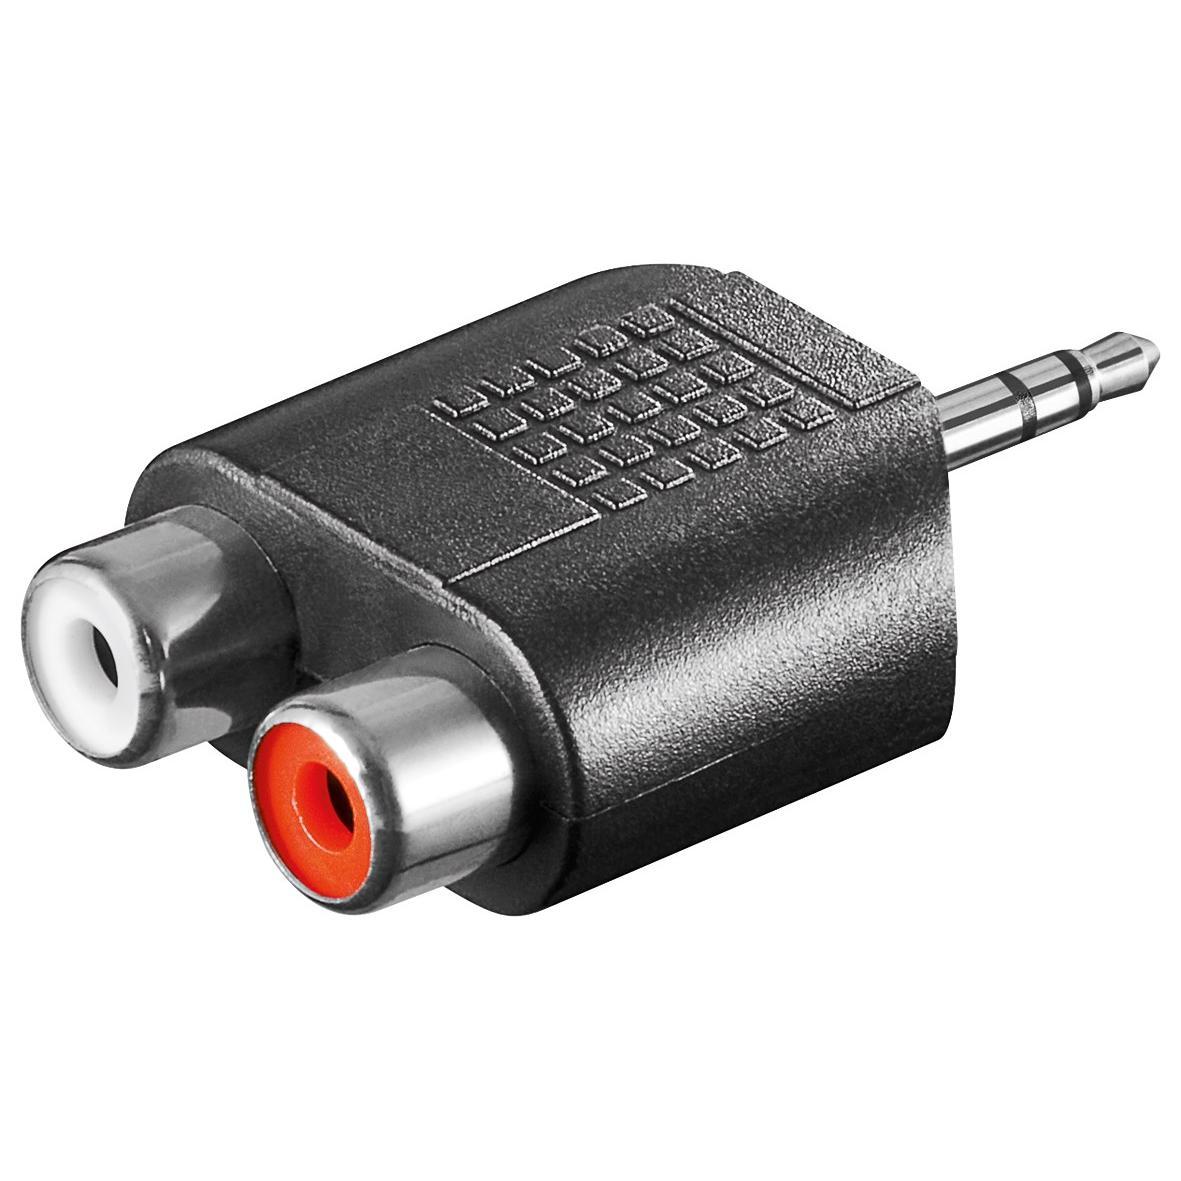 Adattatore Audio 3.5mm Maschio a 2 RCA Stereo Femmina